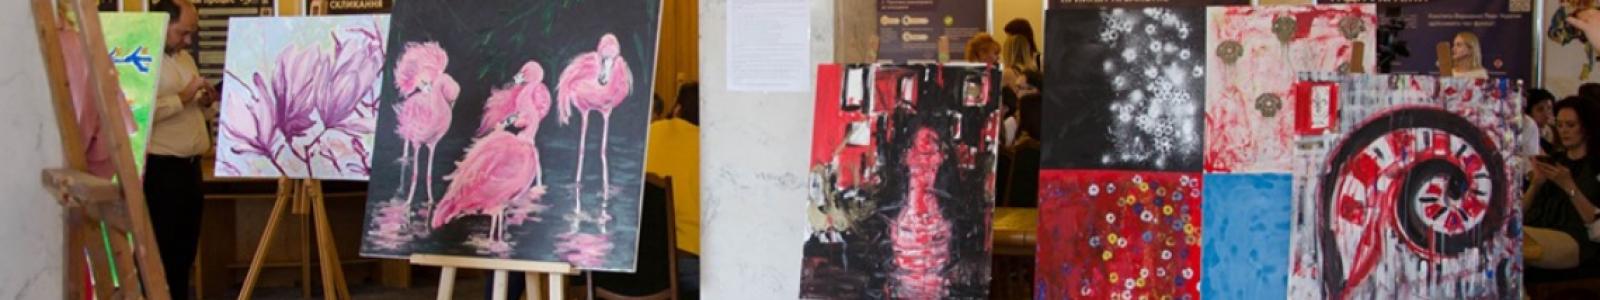 Gallery Painter Iryna Fedorenko